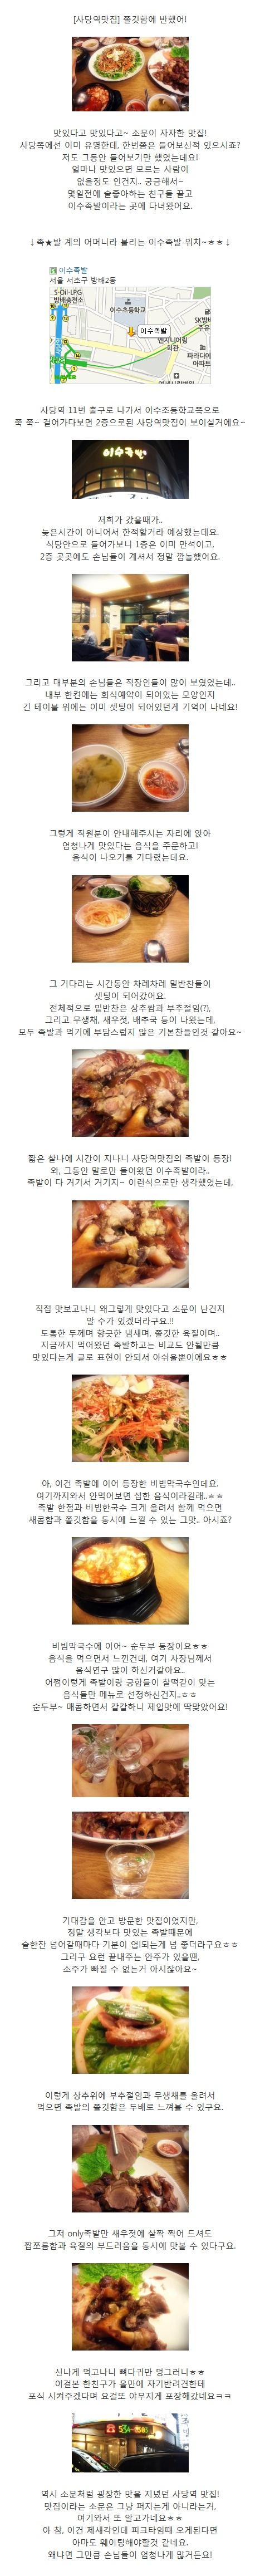 쫄깃함에 반한 사당역맛집